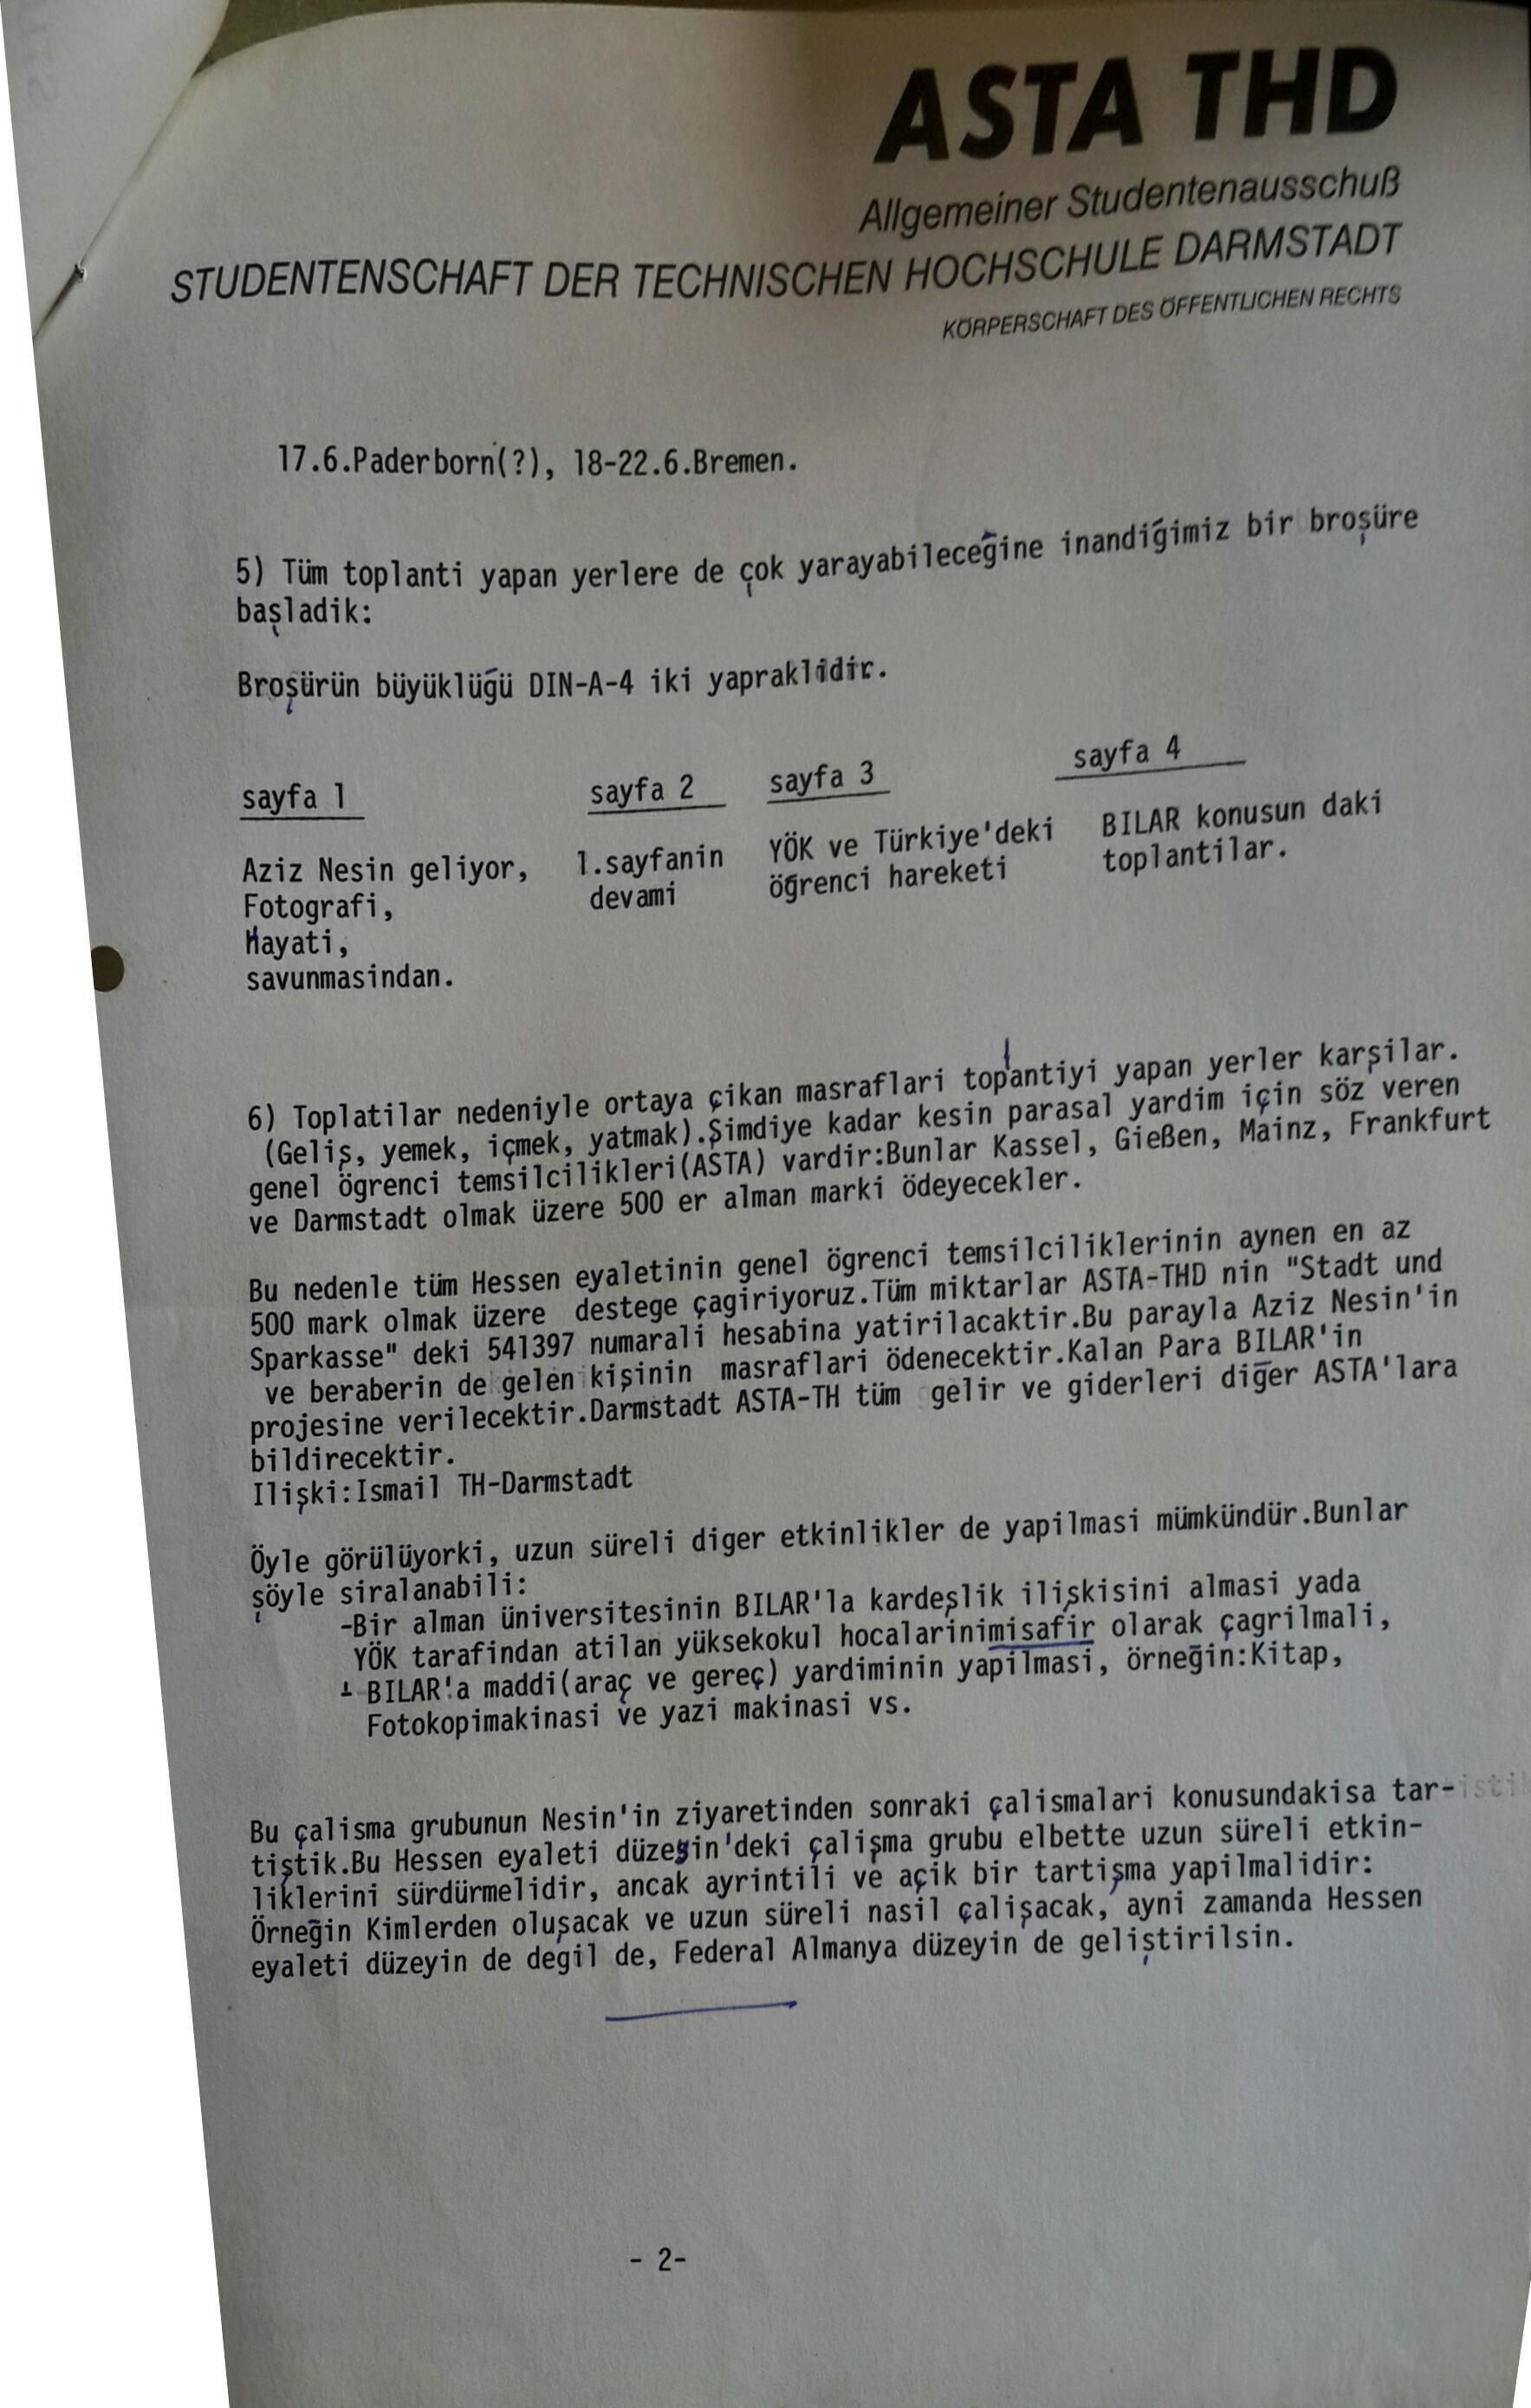 1987_mektup_darmstadt-dayanisma-2.jpg